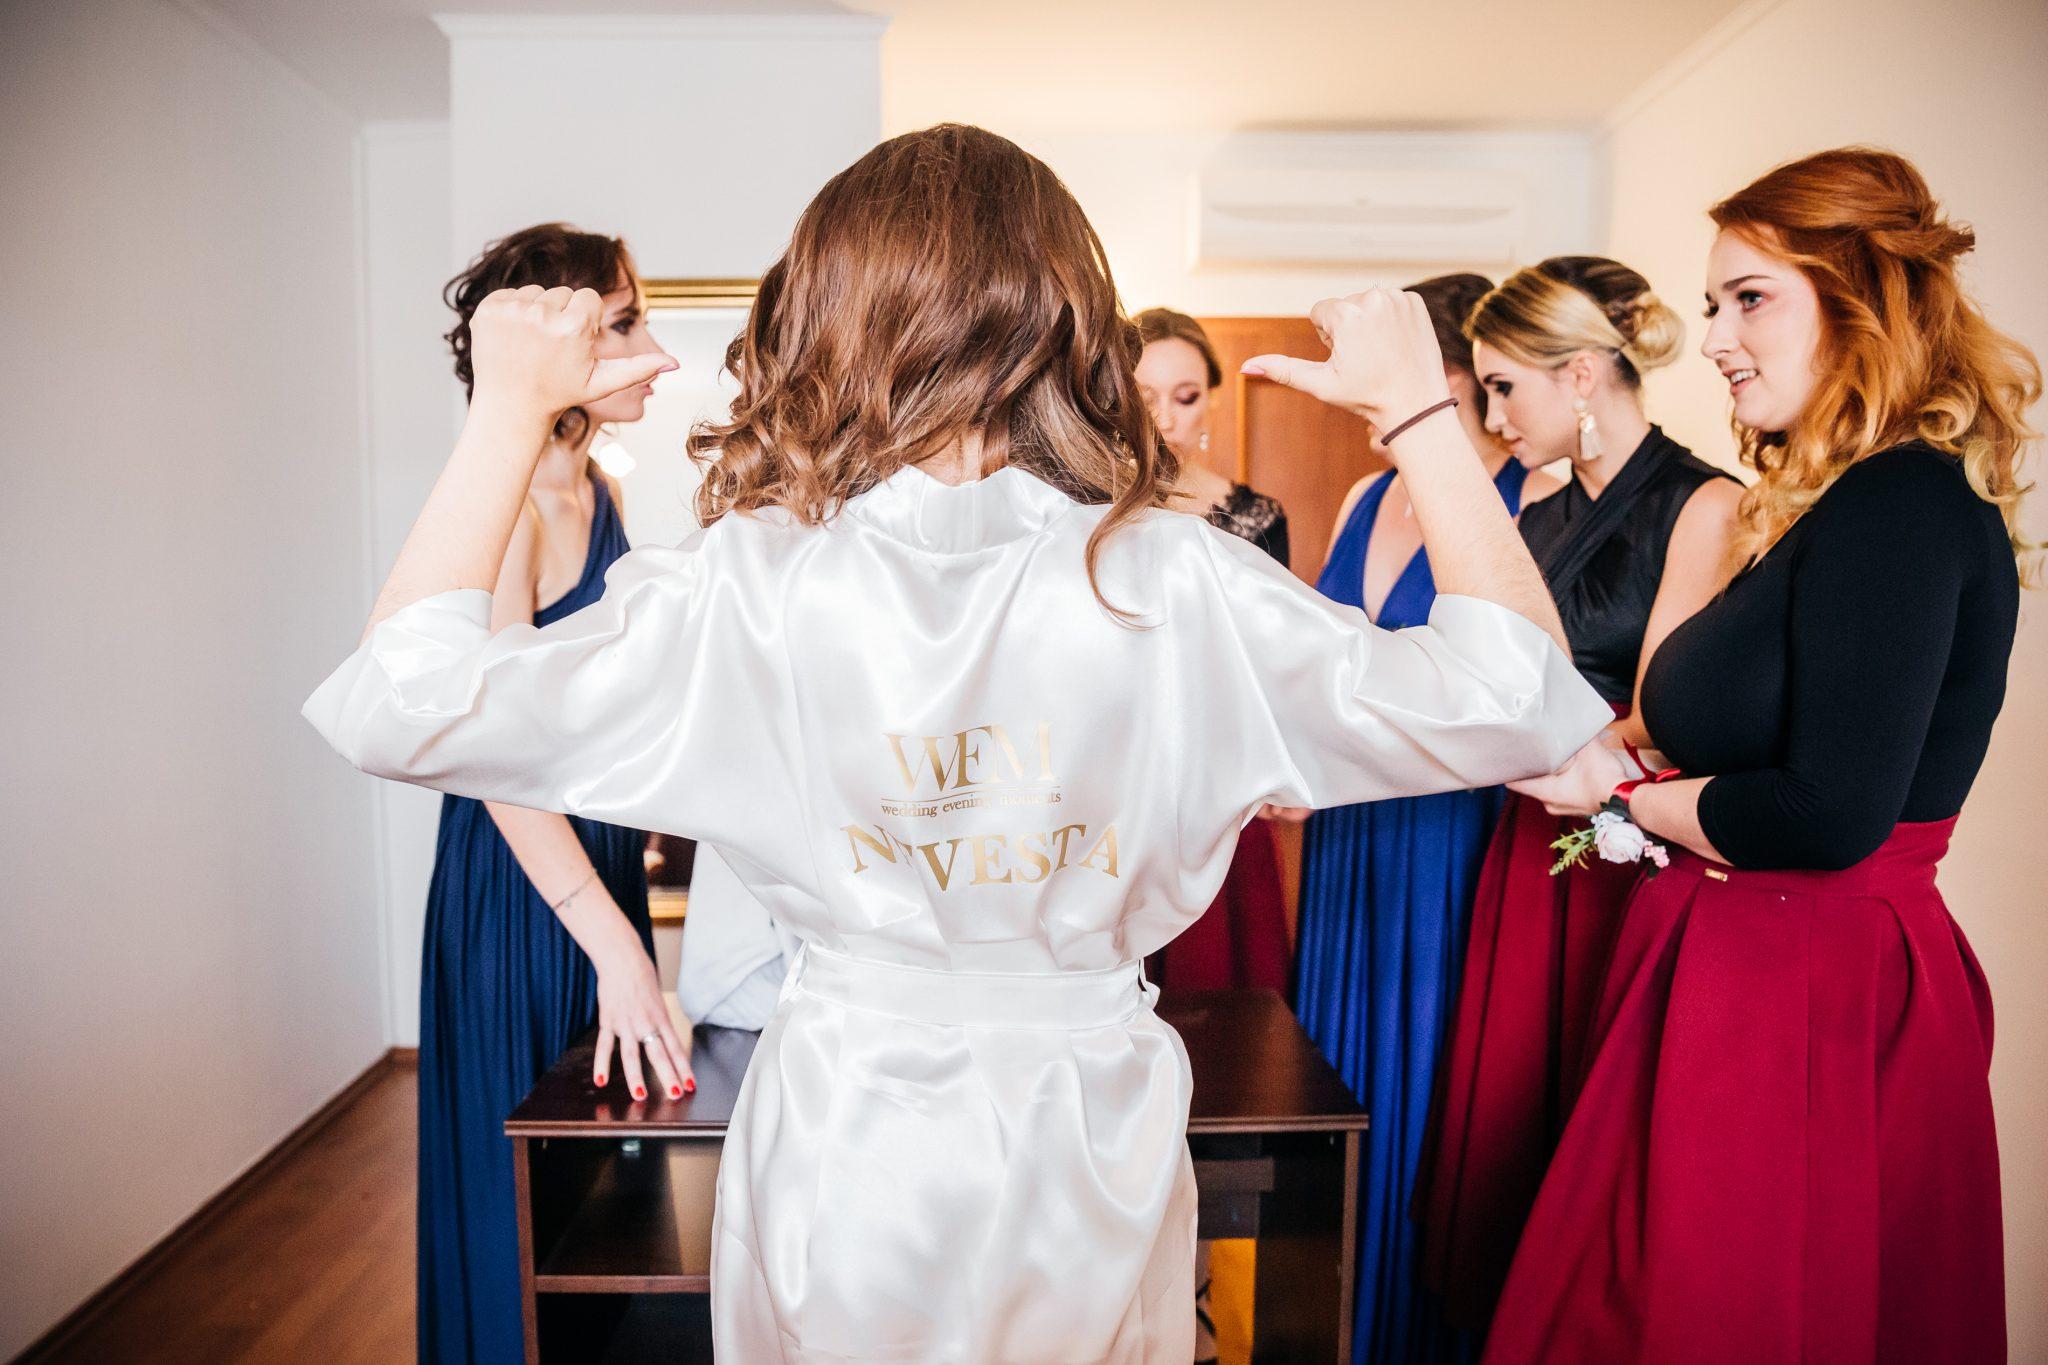 f5e46614ec998 Boli prvé slová môjho muža, keď ma videl vo svadobných šatách. Dokonca mu  neprekážalo ani to, že neboli úplne biele, lebo som to bola ja…